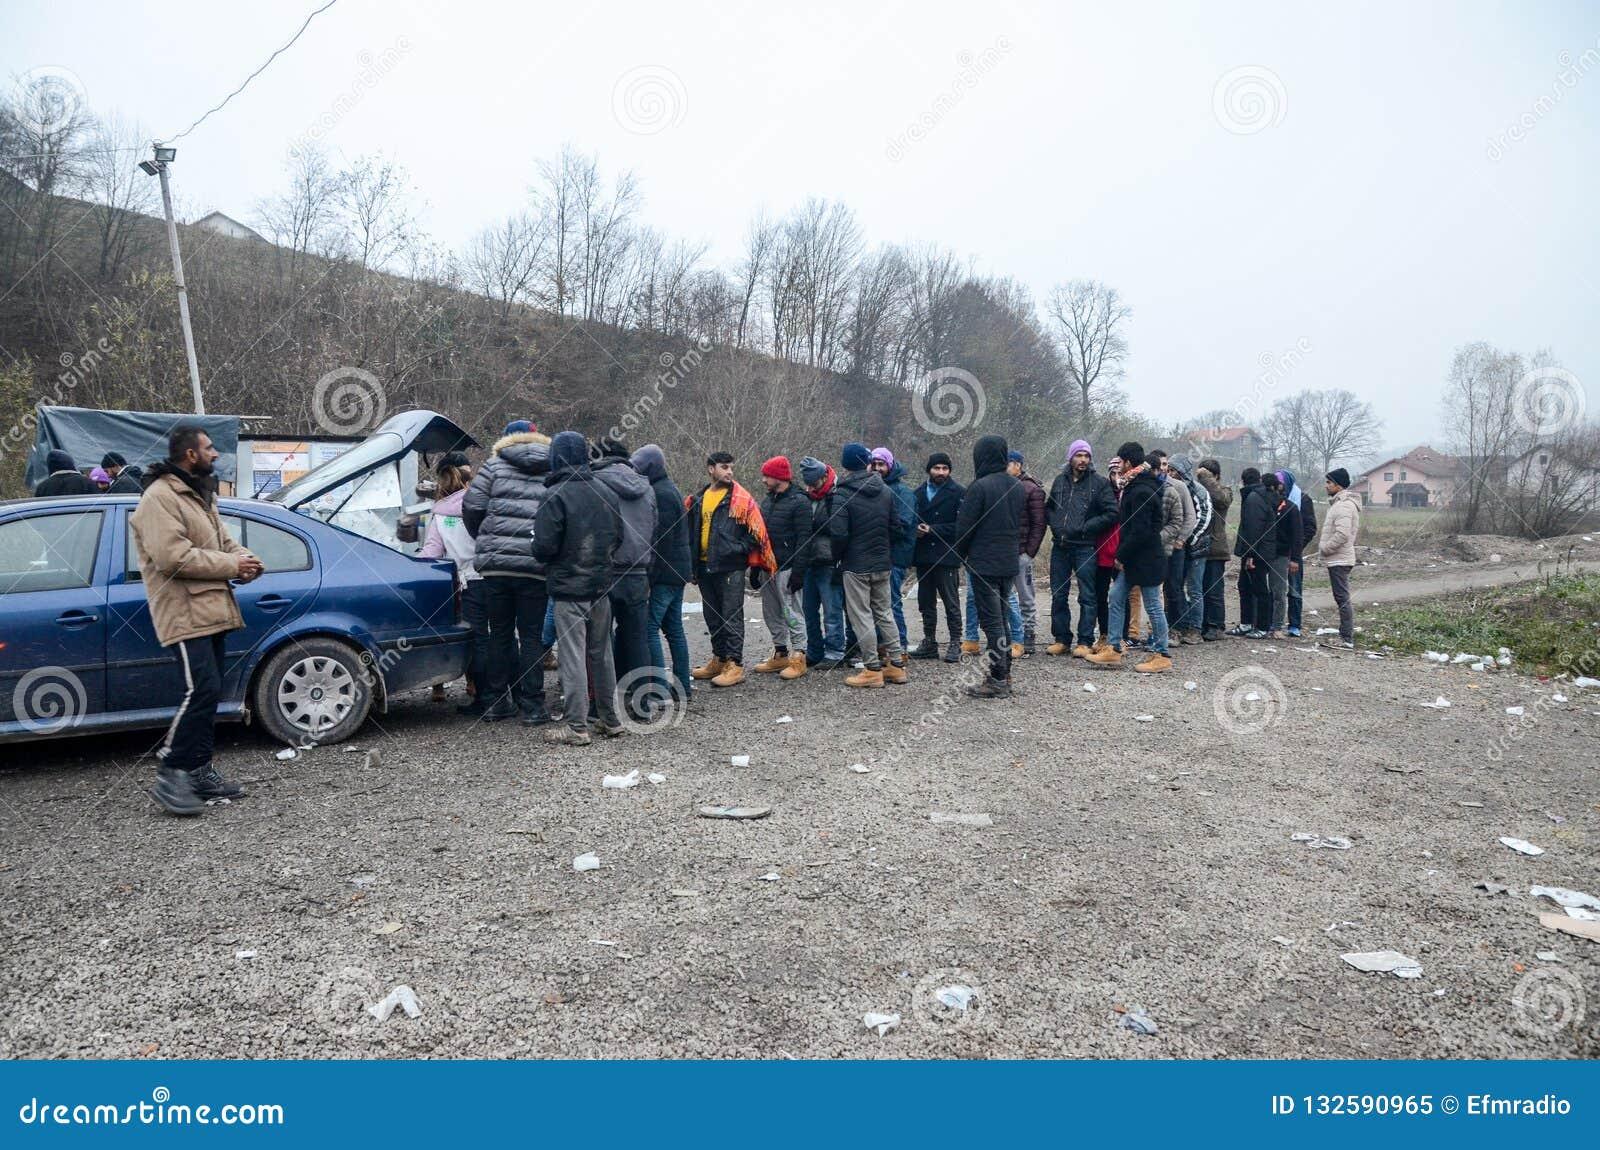 Een humanitaire catastrofe in Vluchteling en Migrantenkamp in Bosnië-Herzegovina De Europese migrerende crisis Balkan route tent